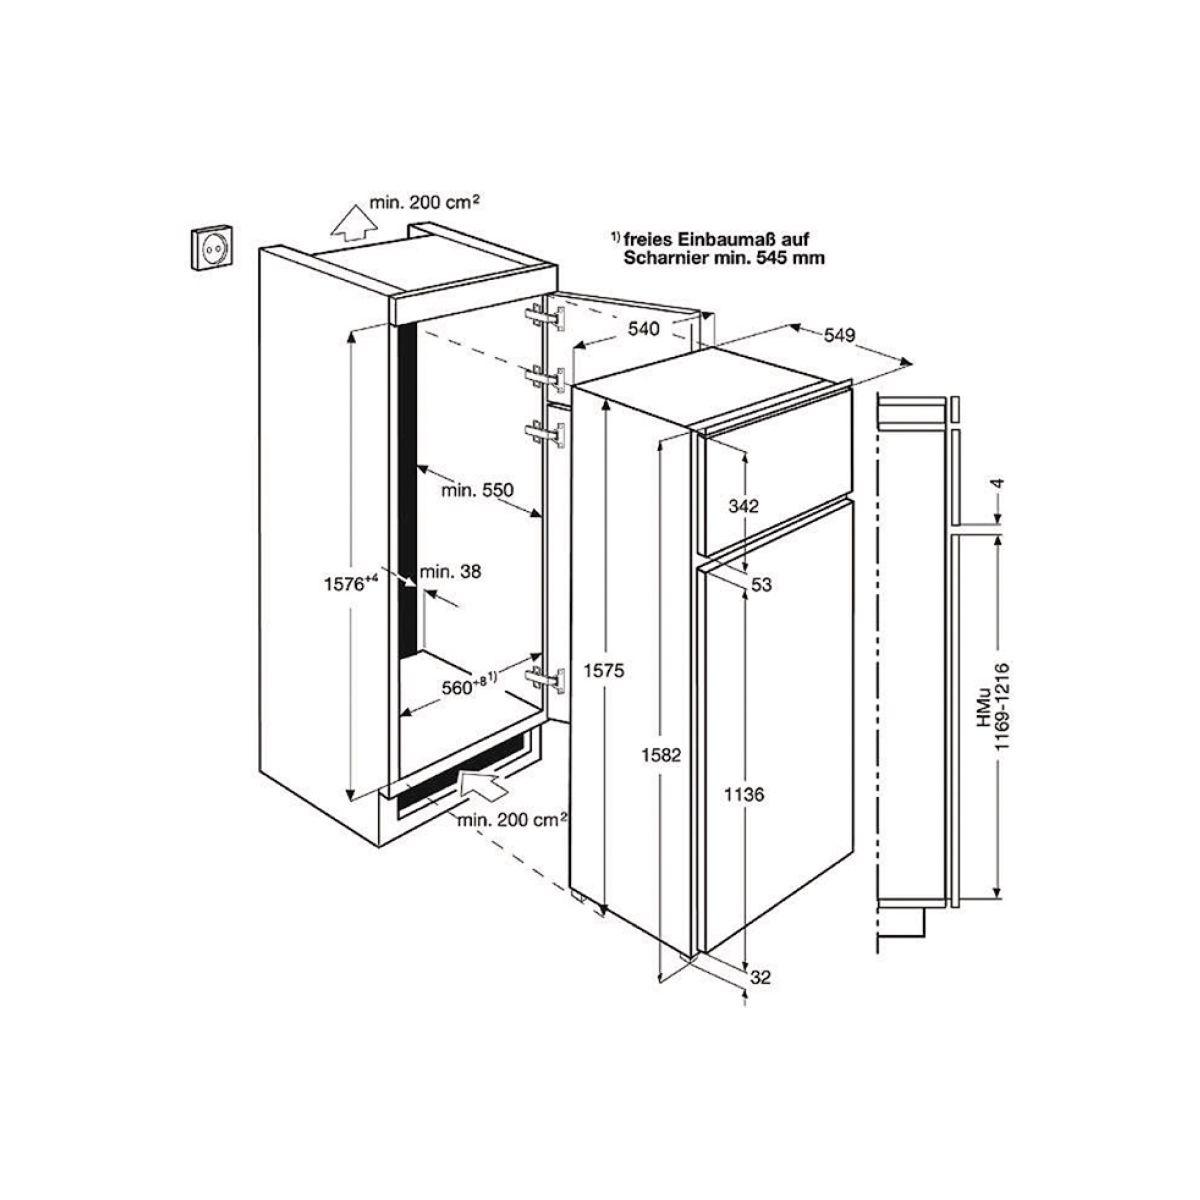 Réfrigérateur encastrable electrolux ejn2710aow - 2% de remise immédiate avec le code : cool2 (photo)